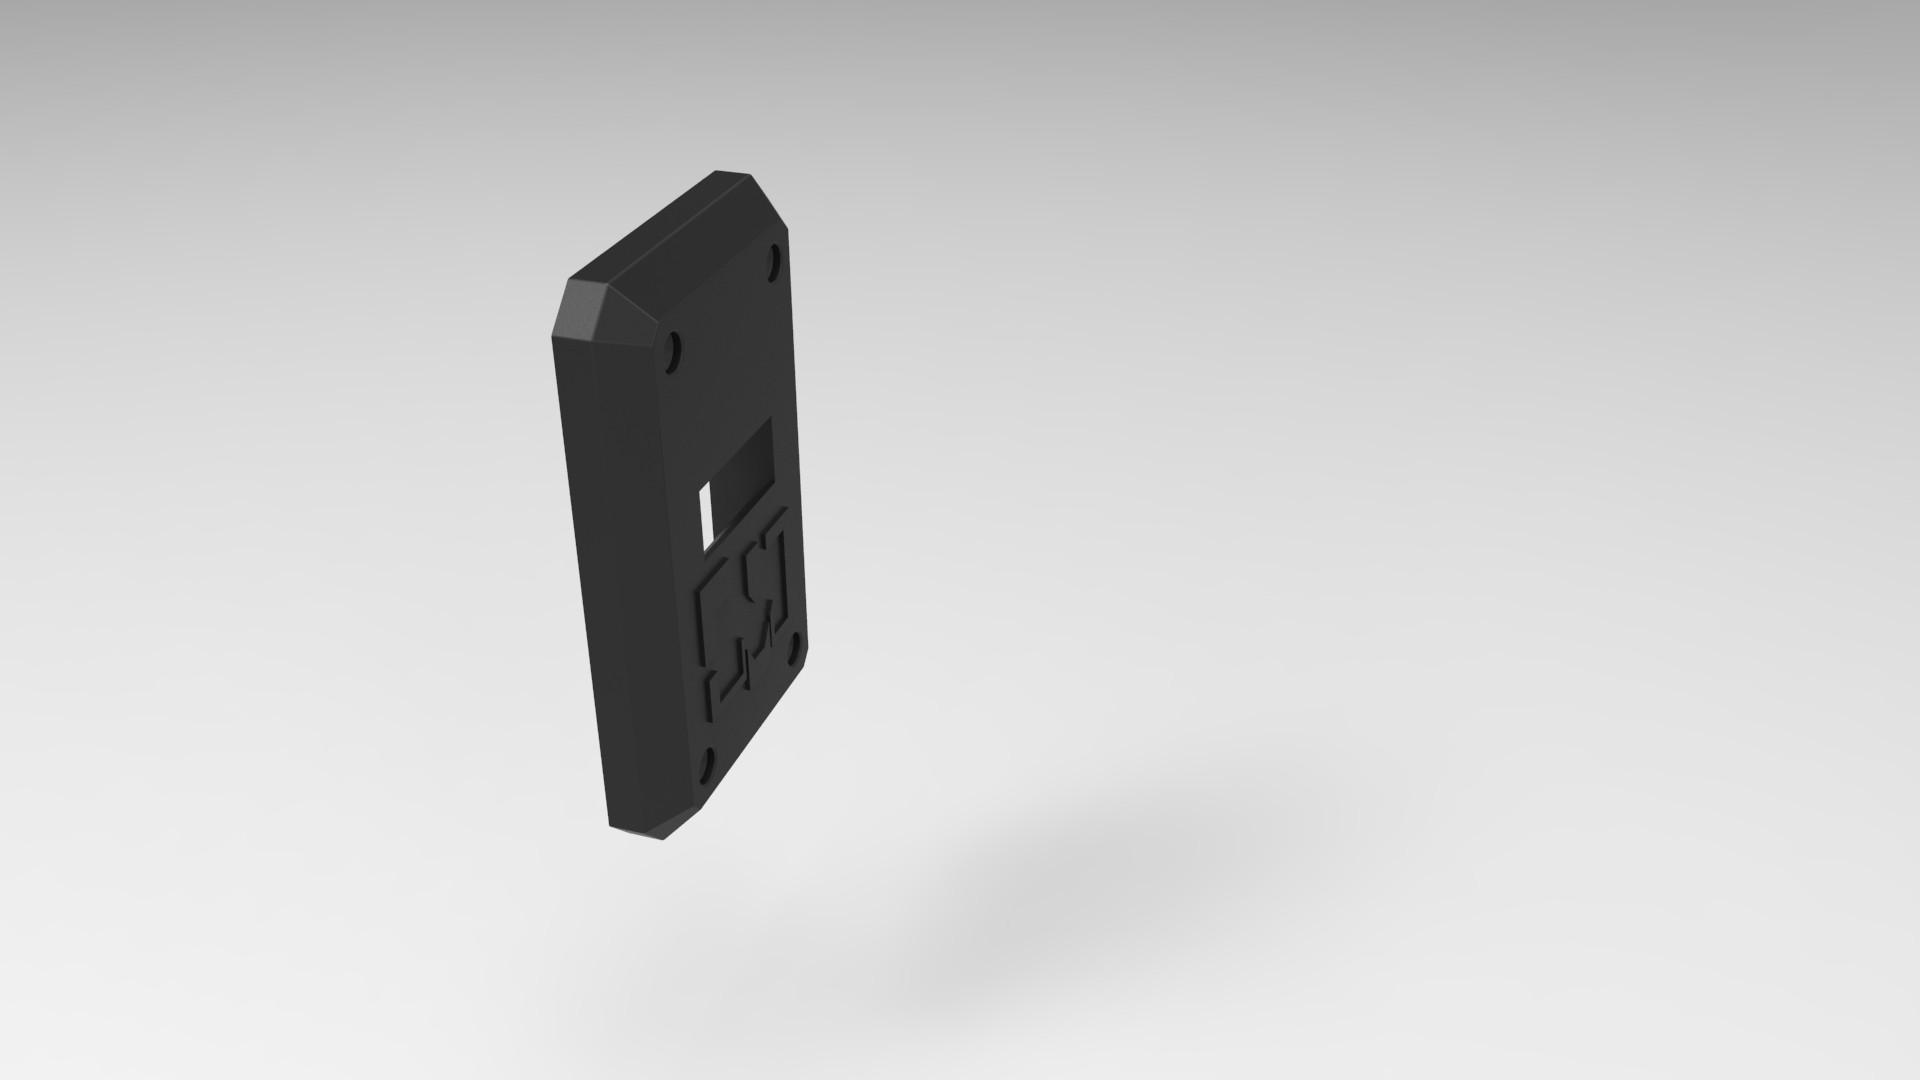 untitled.427.jpg Télécharger fichier STL gratuit support de guitare • Design à imprimer en 3D, marinmau